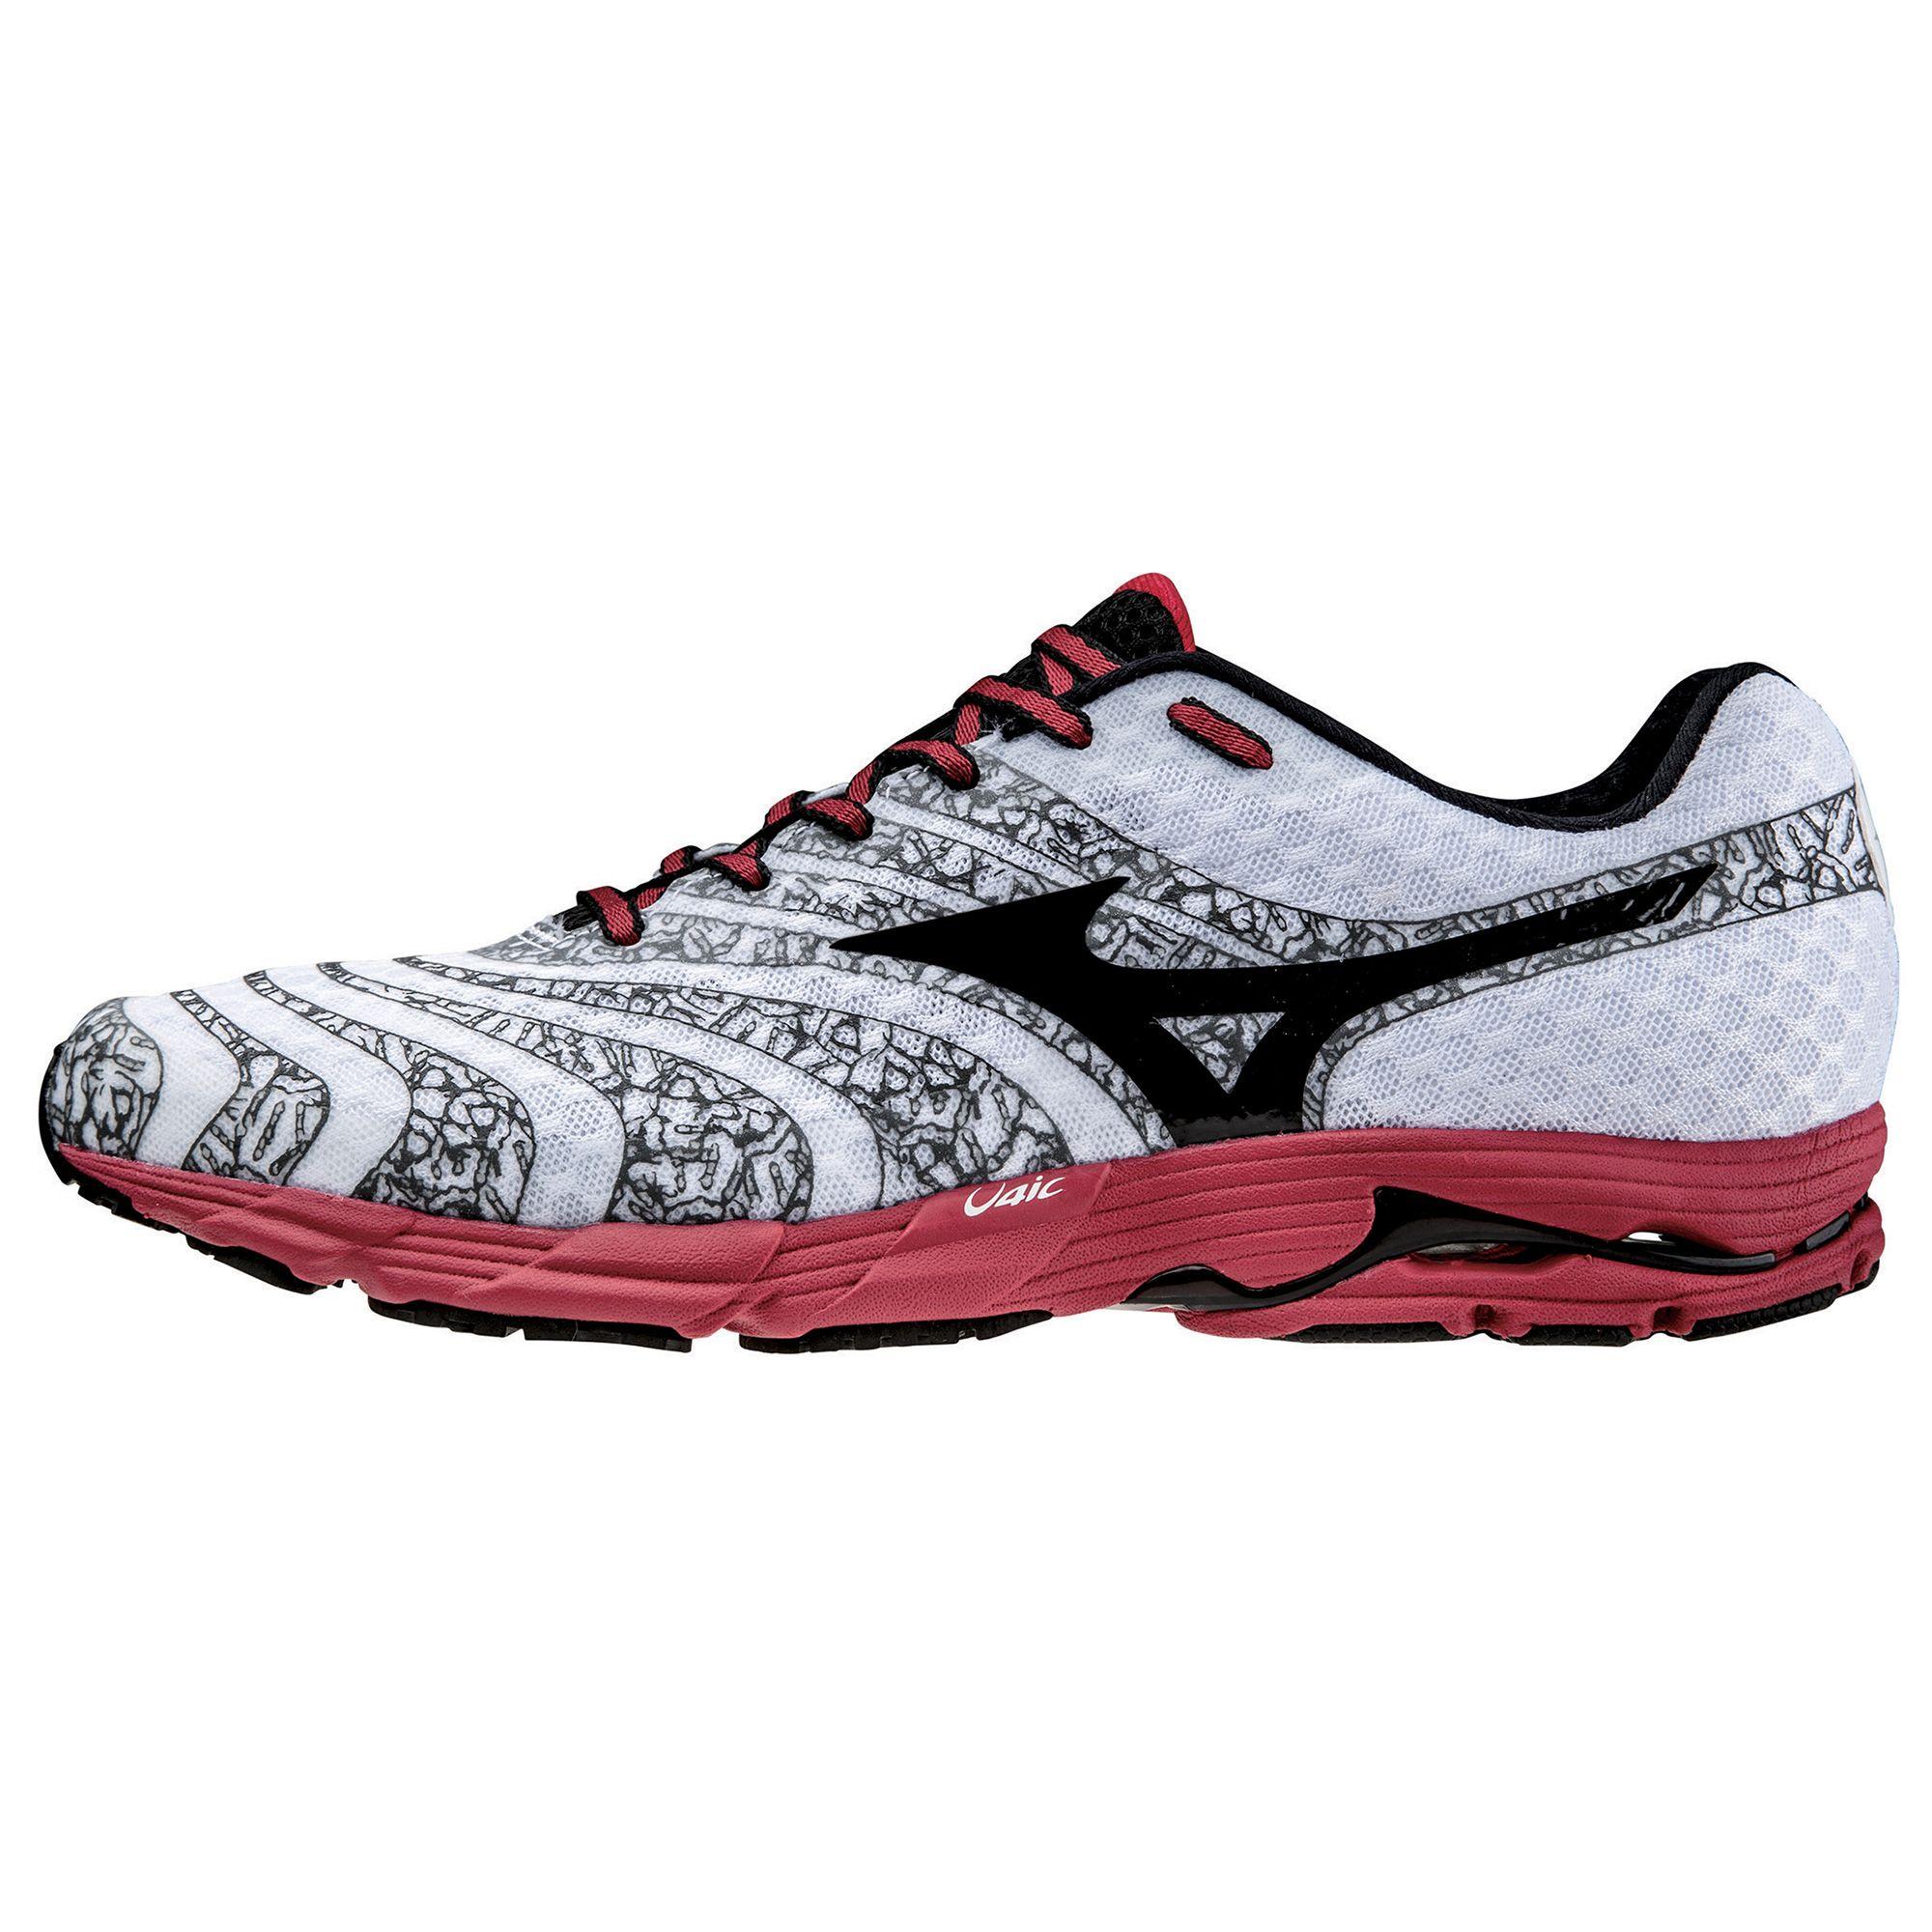 Best Mens Mizuno Running Shoes